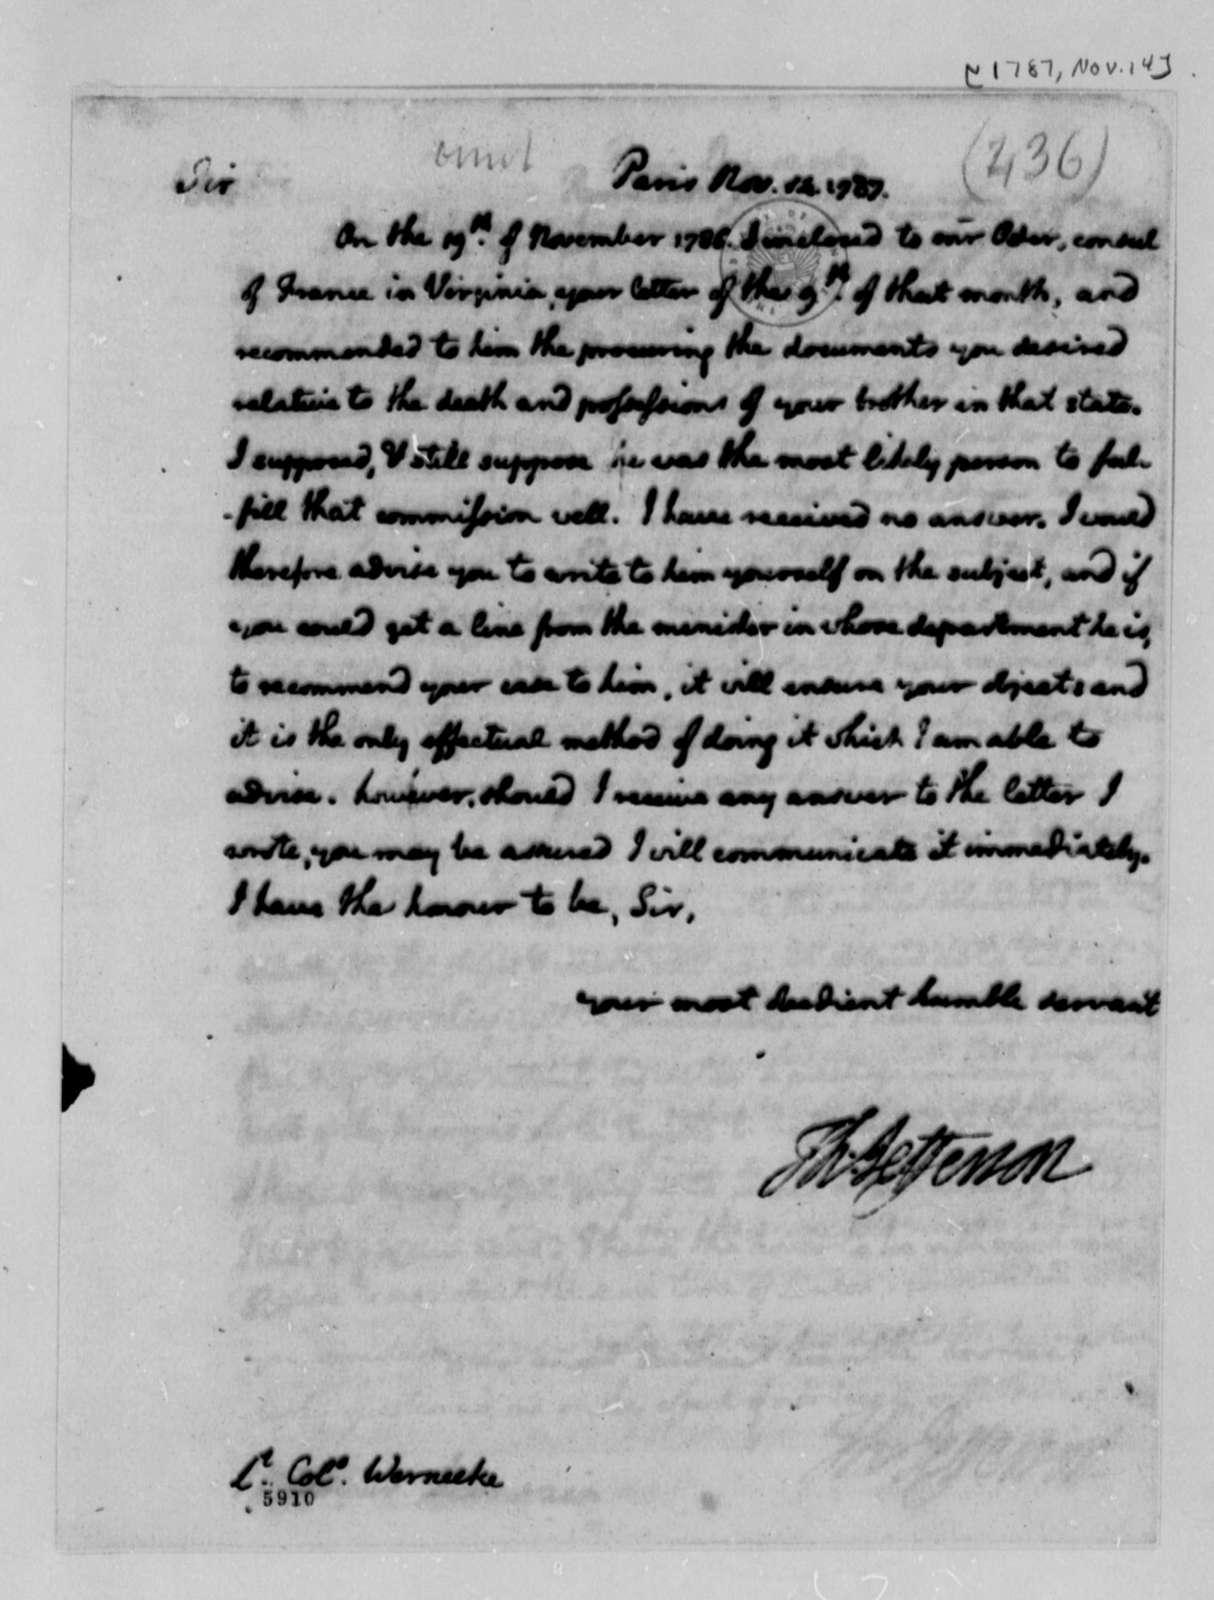 Thomas Jefferson to Frederick Wernecke, November 14, 1787